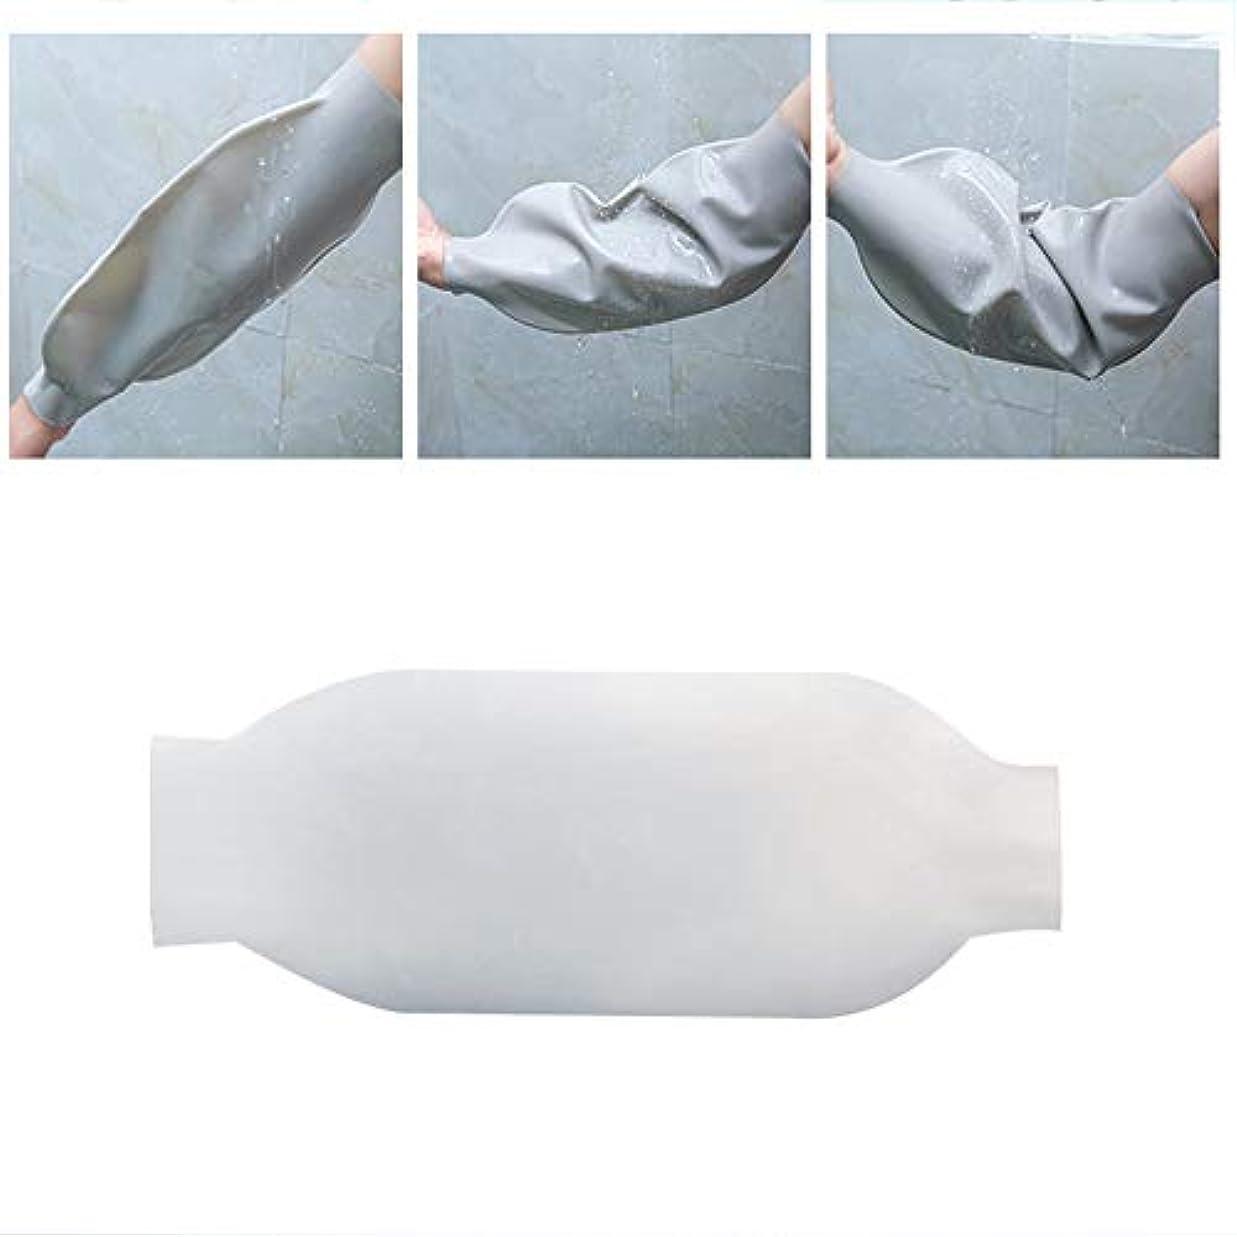 完了欺ダイアクリティカルキャストプロテクタースリーブシャワーアームの肘スリーブシリコンケースの再利用可能な耐水性包帯プロテクター水密シールがドライ石膏包帯をしてください,L